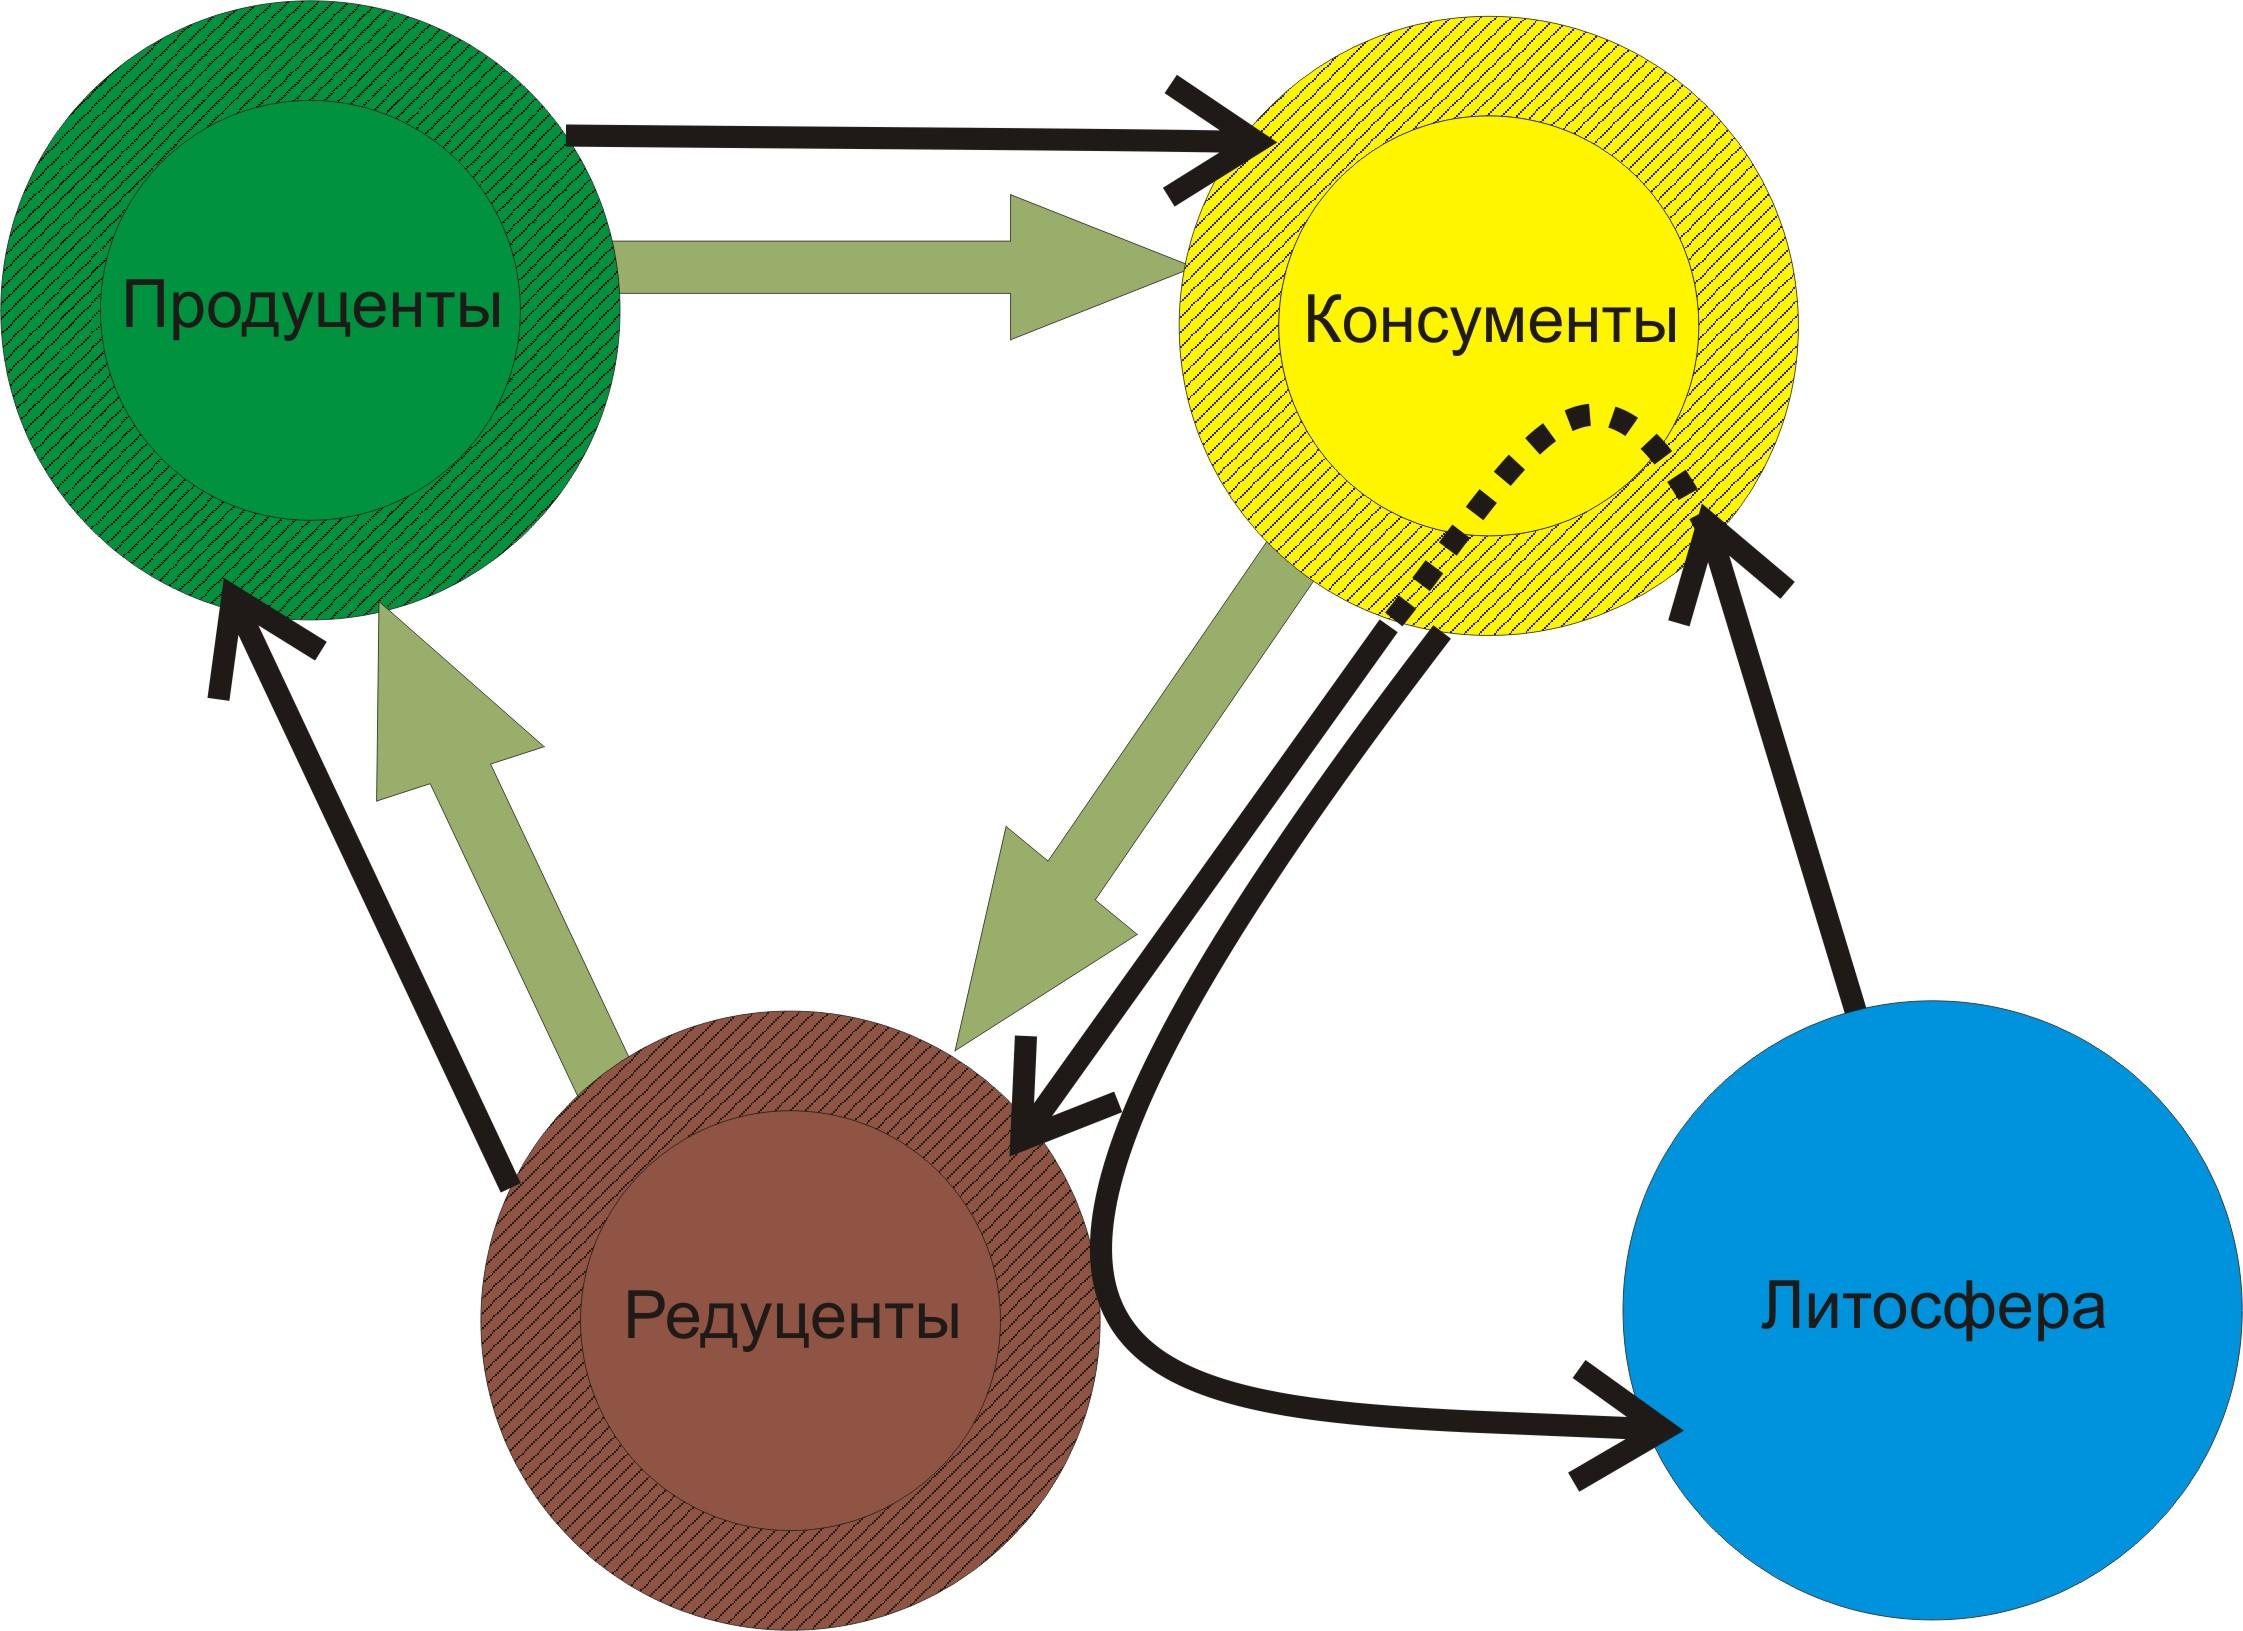 Трофические уровни: типы, значение, схемы и определение пищевой цепи